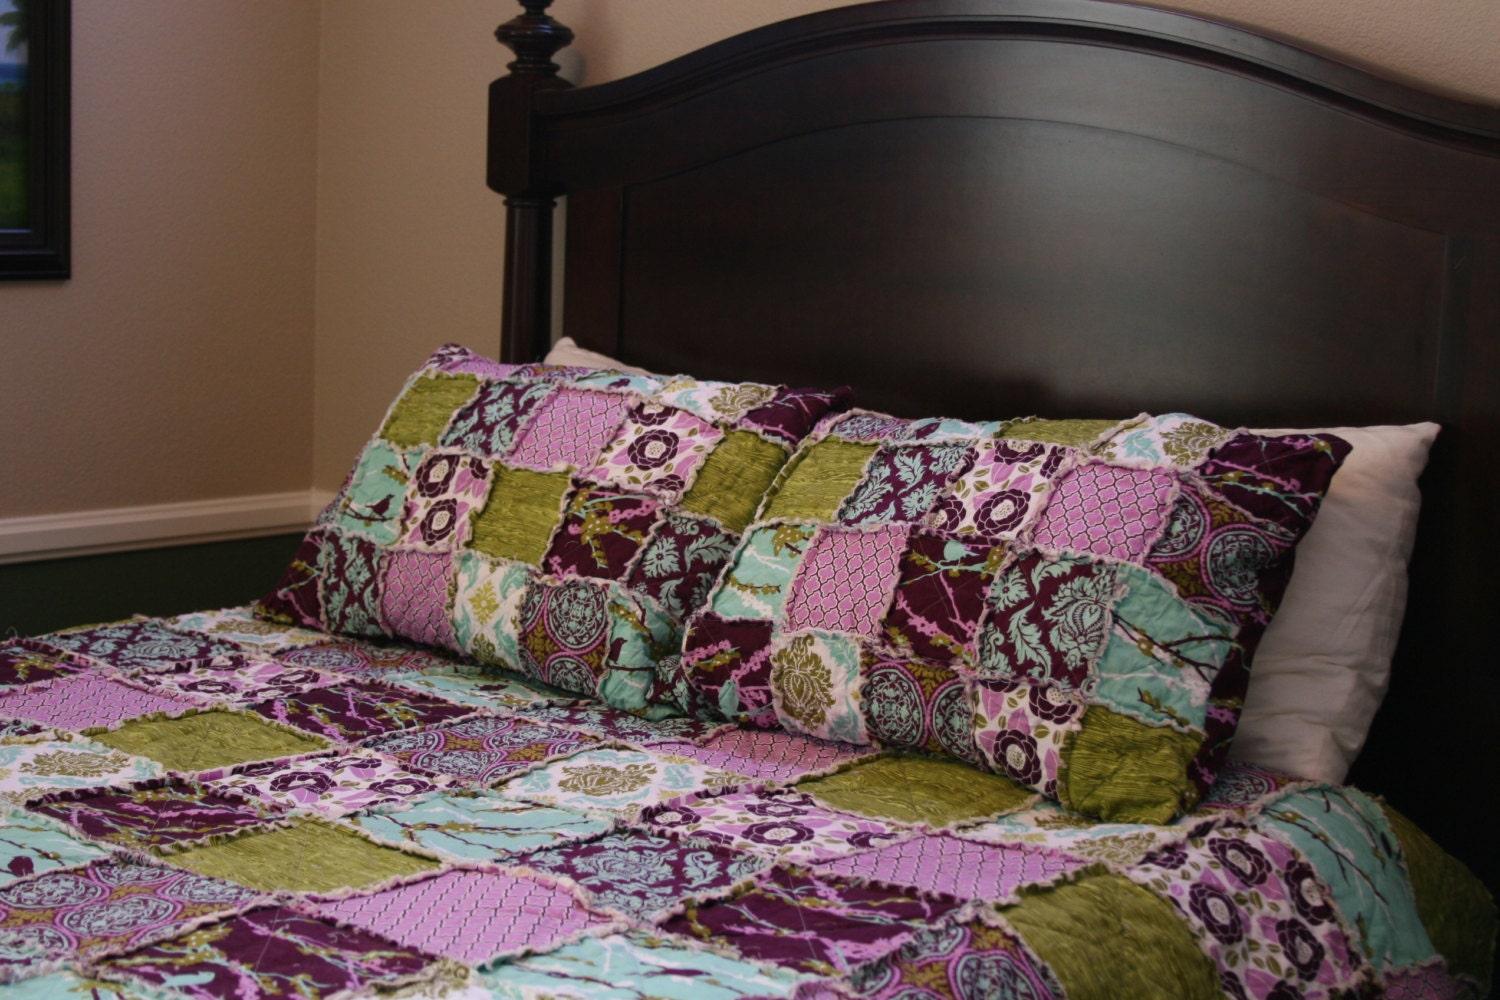 Rey tamaño edredón Reina tamaño edredones ropa de cama